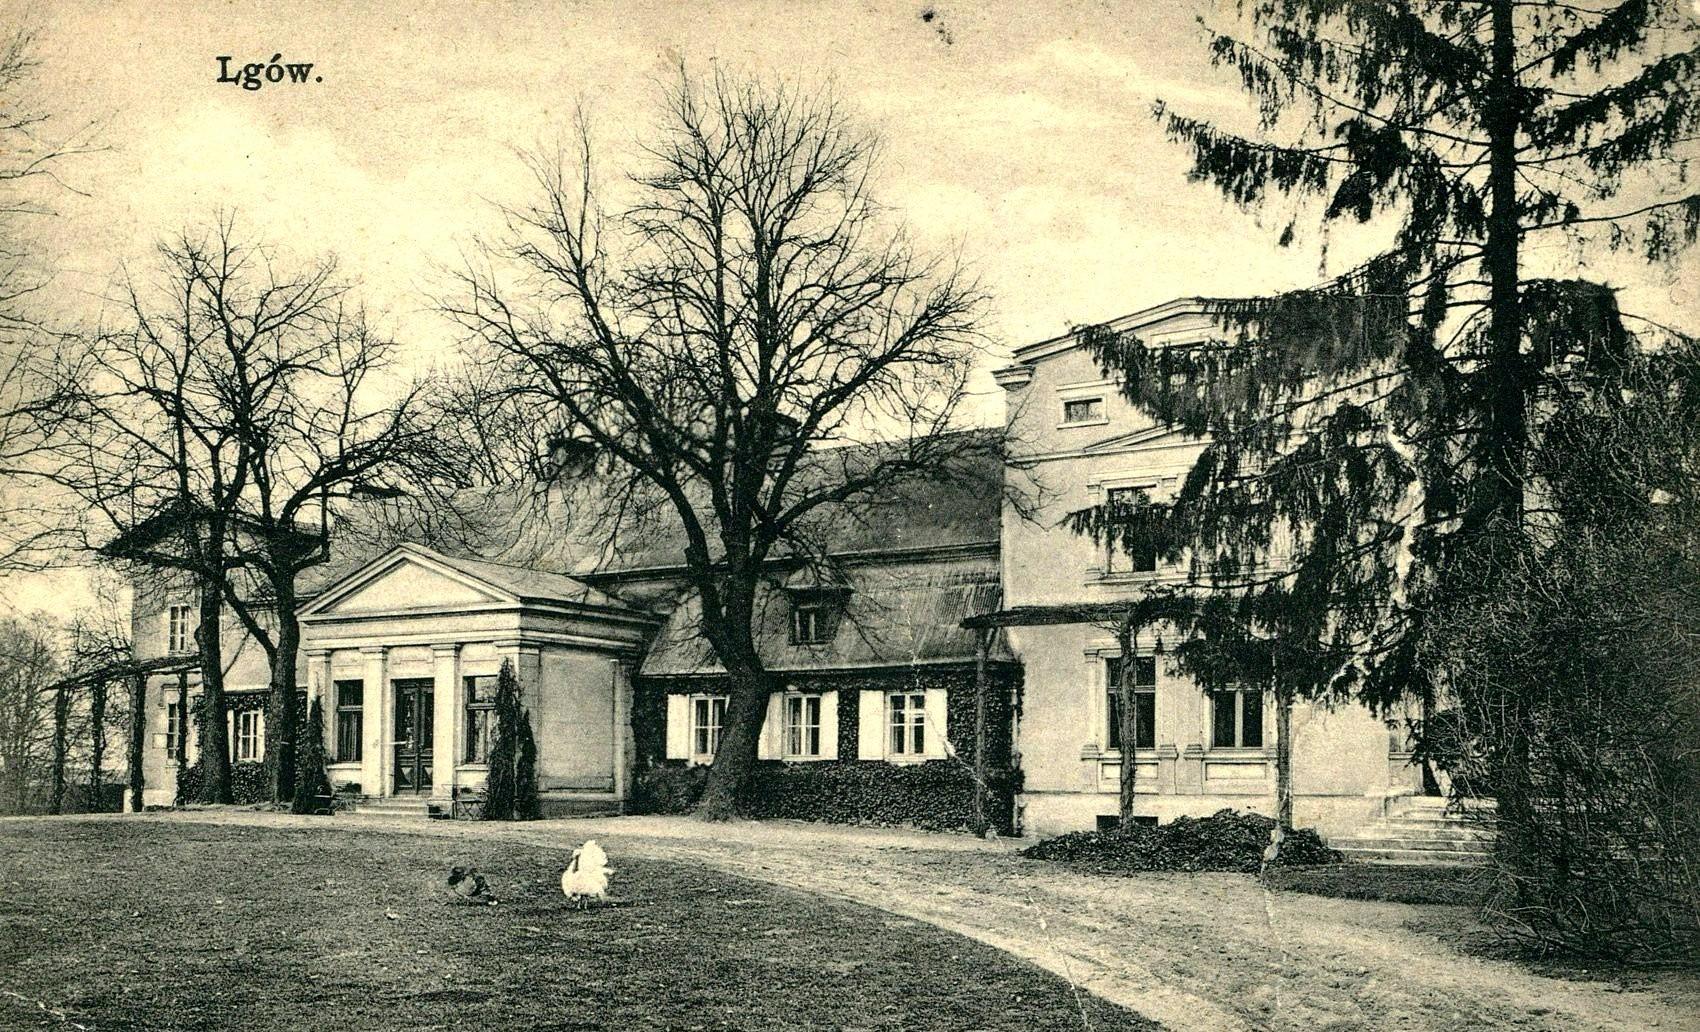 Dwór w Lgowie